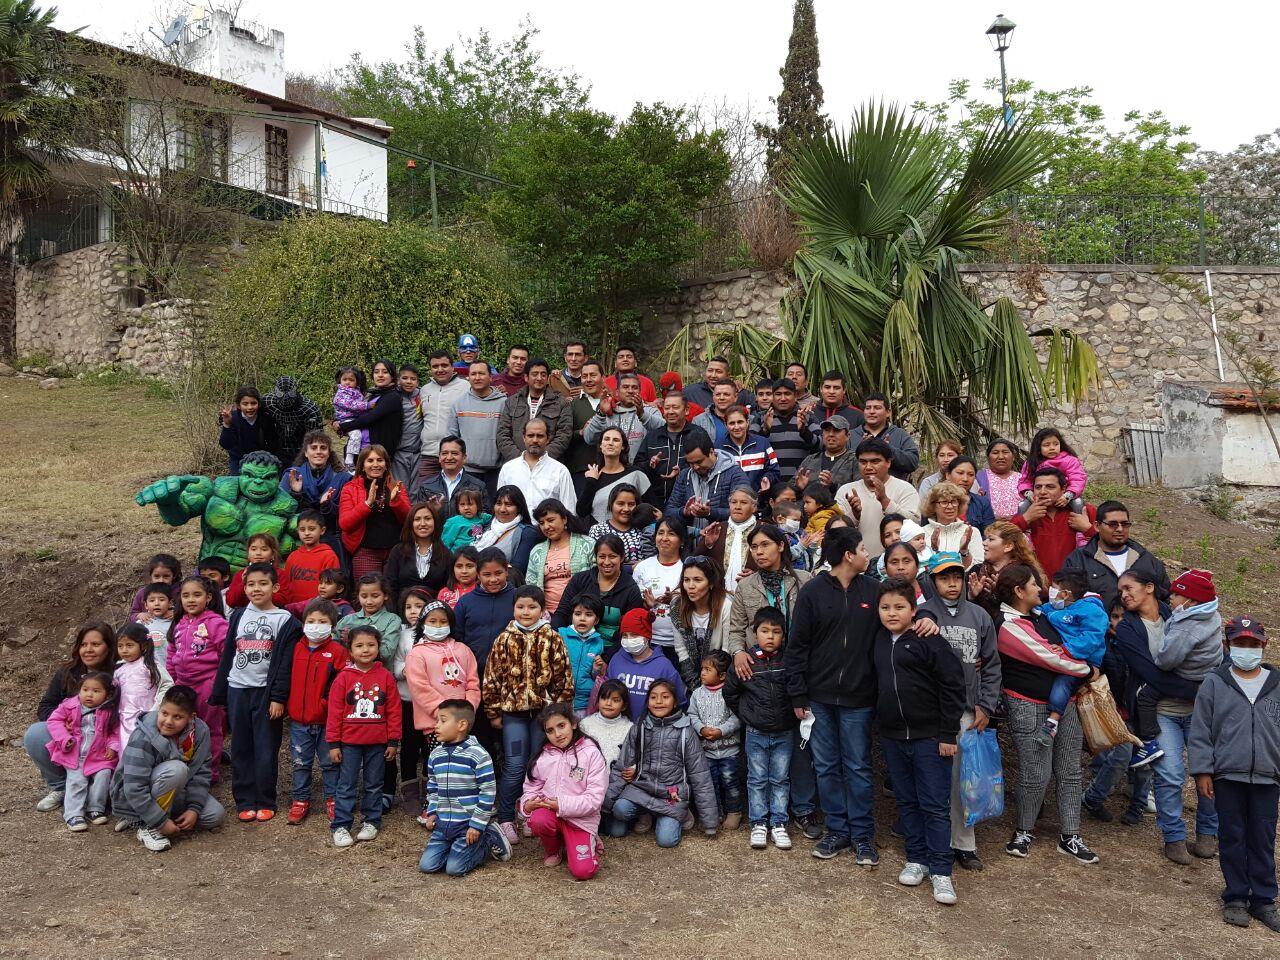 El Servicio Penitenciario brindó una jornada especial y recreativa para los niños de Fundación HOPe